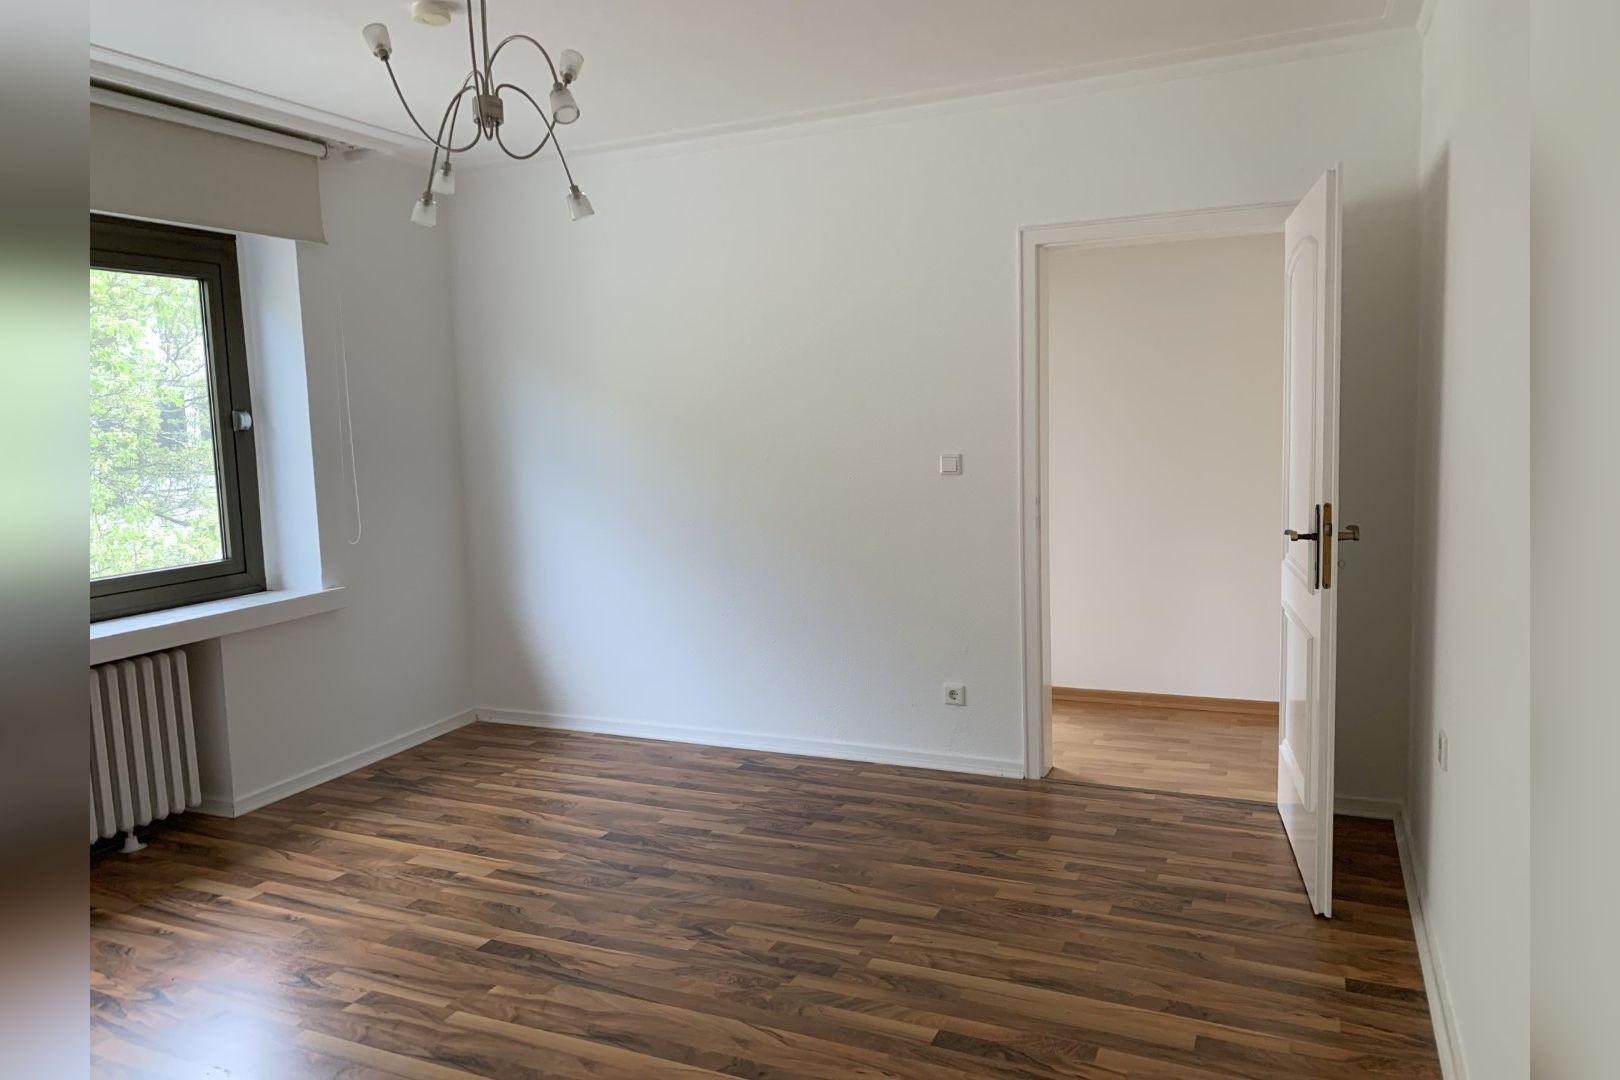 Immobilie Nr.0286 - 2,5 Zimmer Wohnung mit großem Balkon. - Bild 2.jpg